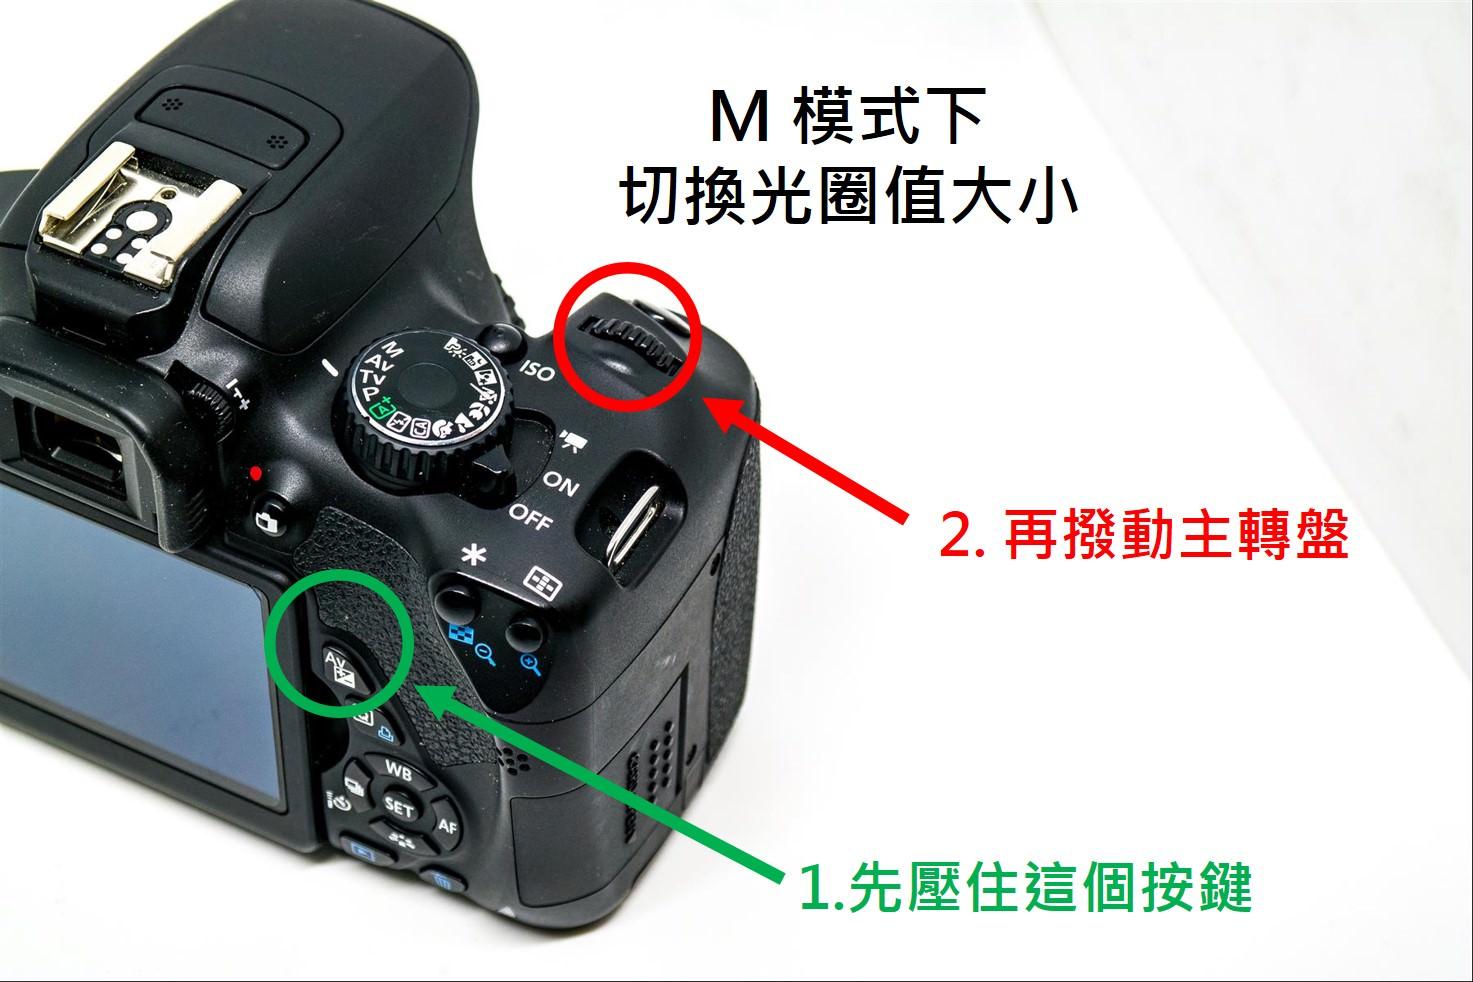 相機三滾輪